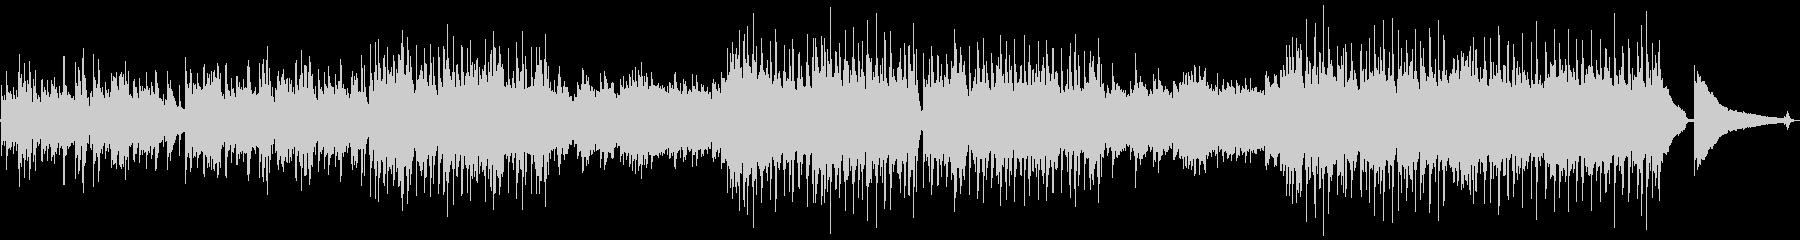 エモーショナルなポストロックの未再生の波形